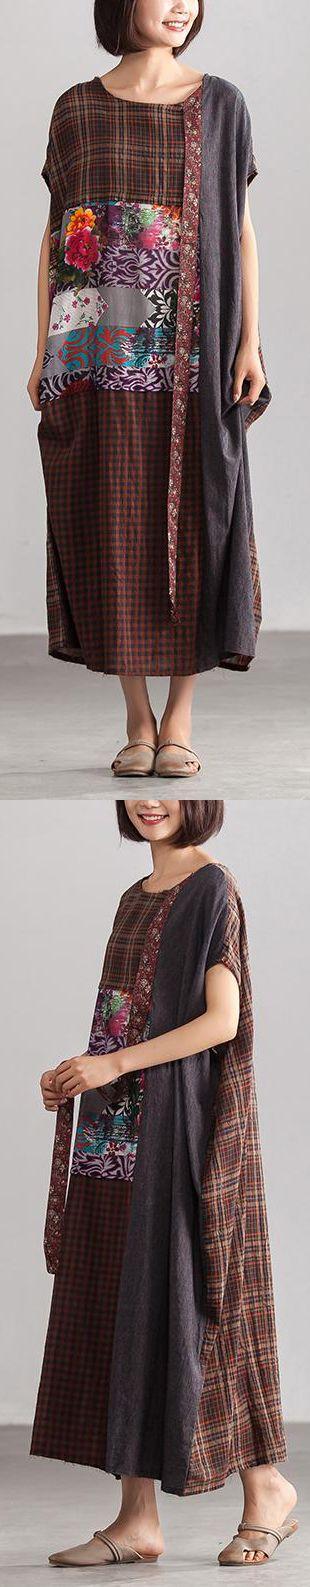 5161798d8cc0 fashion-linen-summer-dress-Linen-Loose-Baggy-Plaid-Brown-Summer-Dress-Women